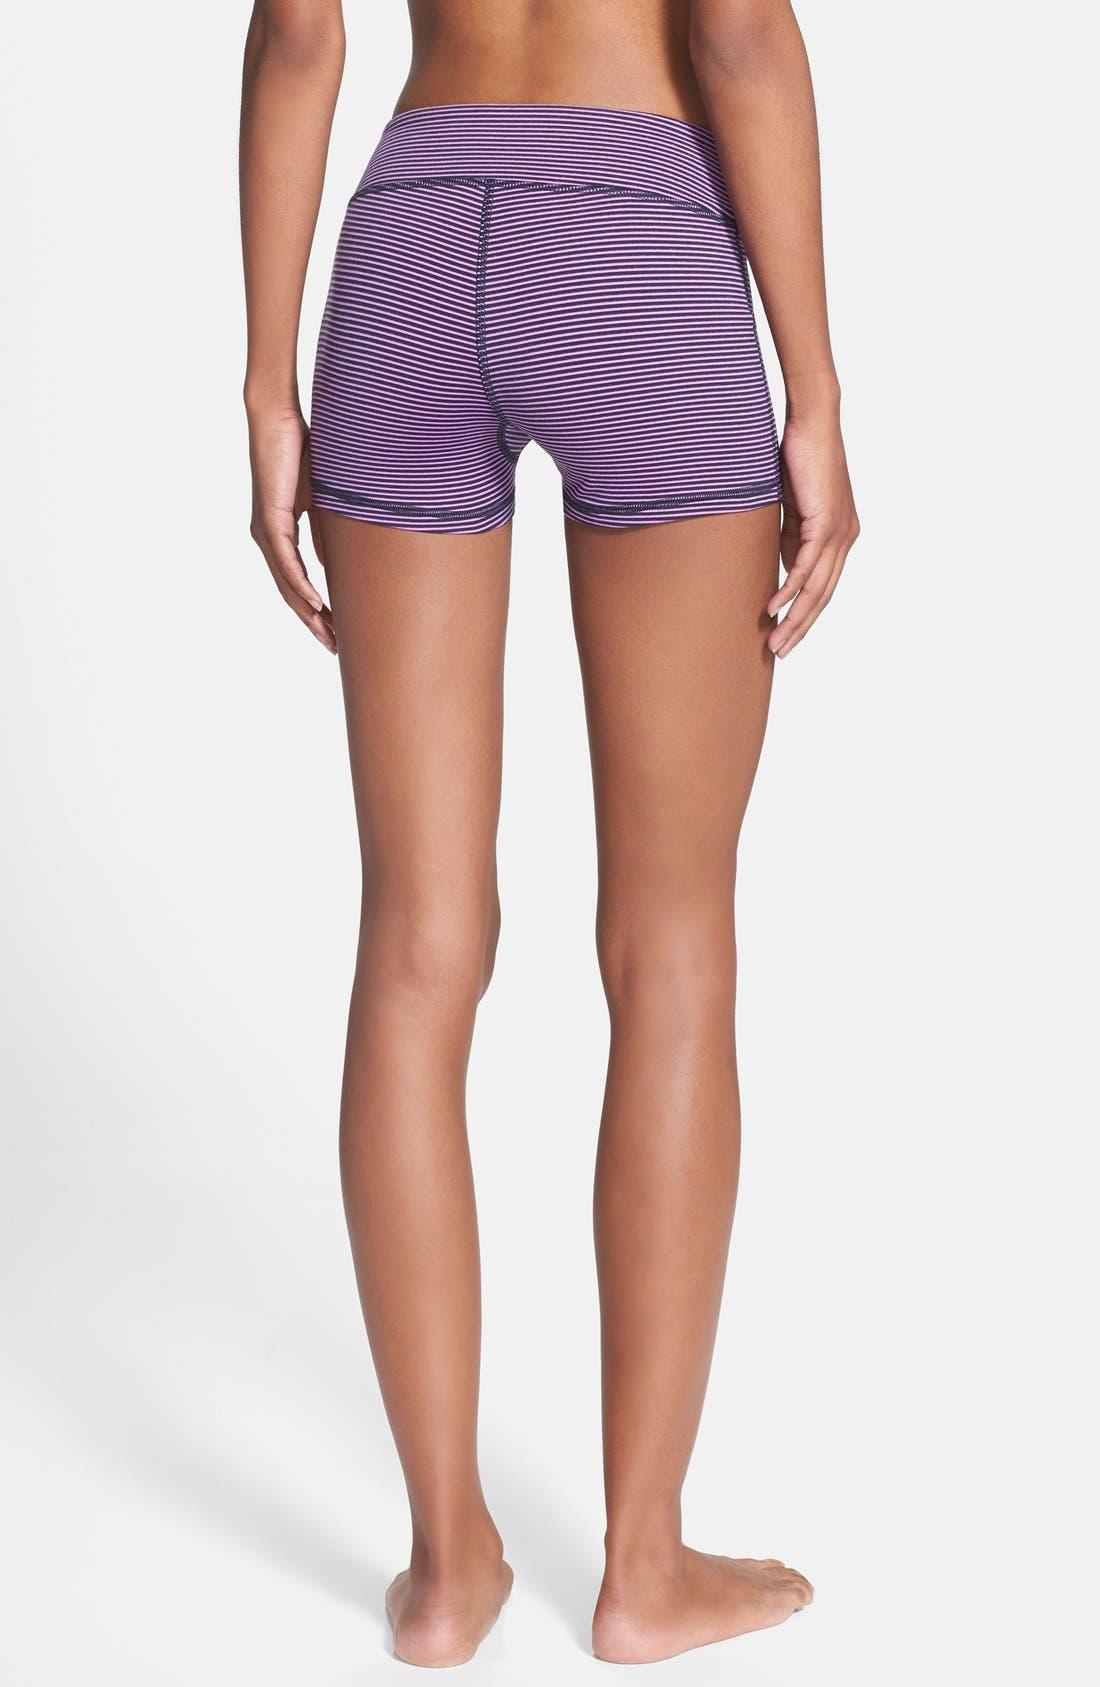 Alternate Image 2  - Zella 'Haute' Compression Shorts